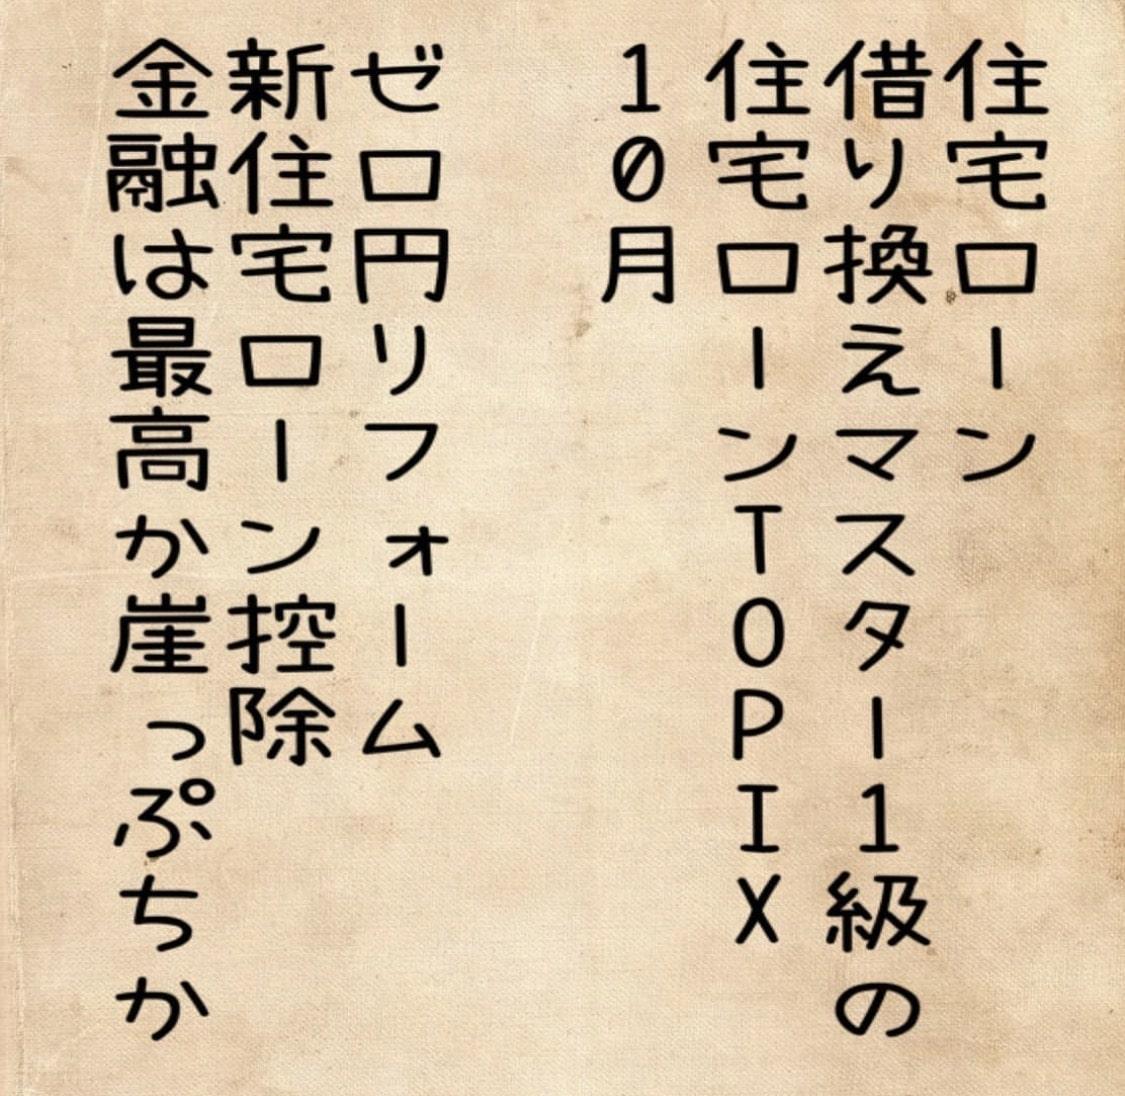 愛知県岡崎市の住宅ローンの借り方、返し方10月